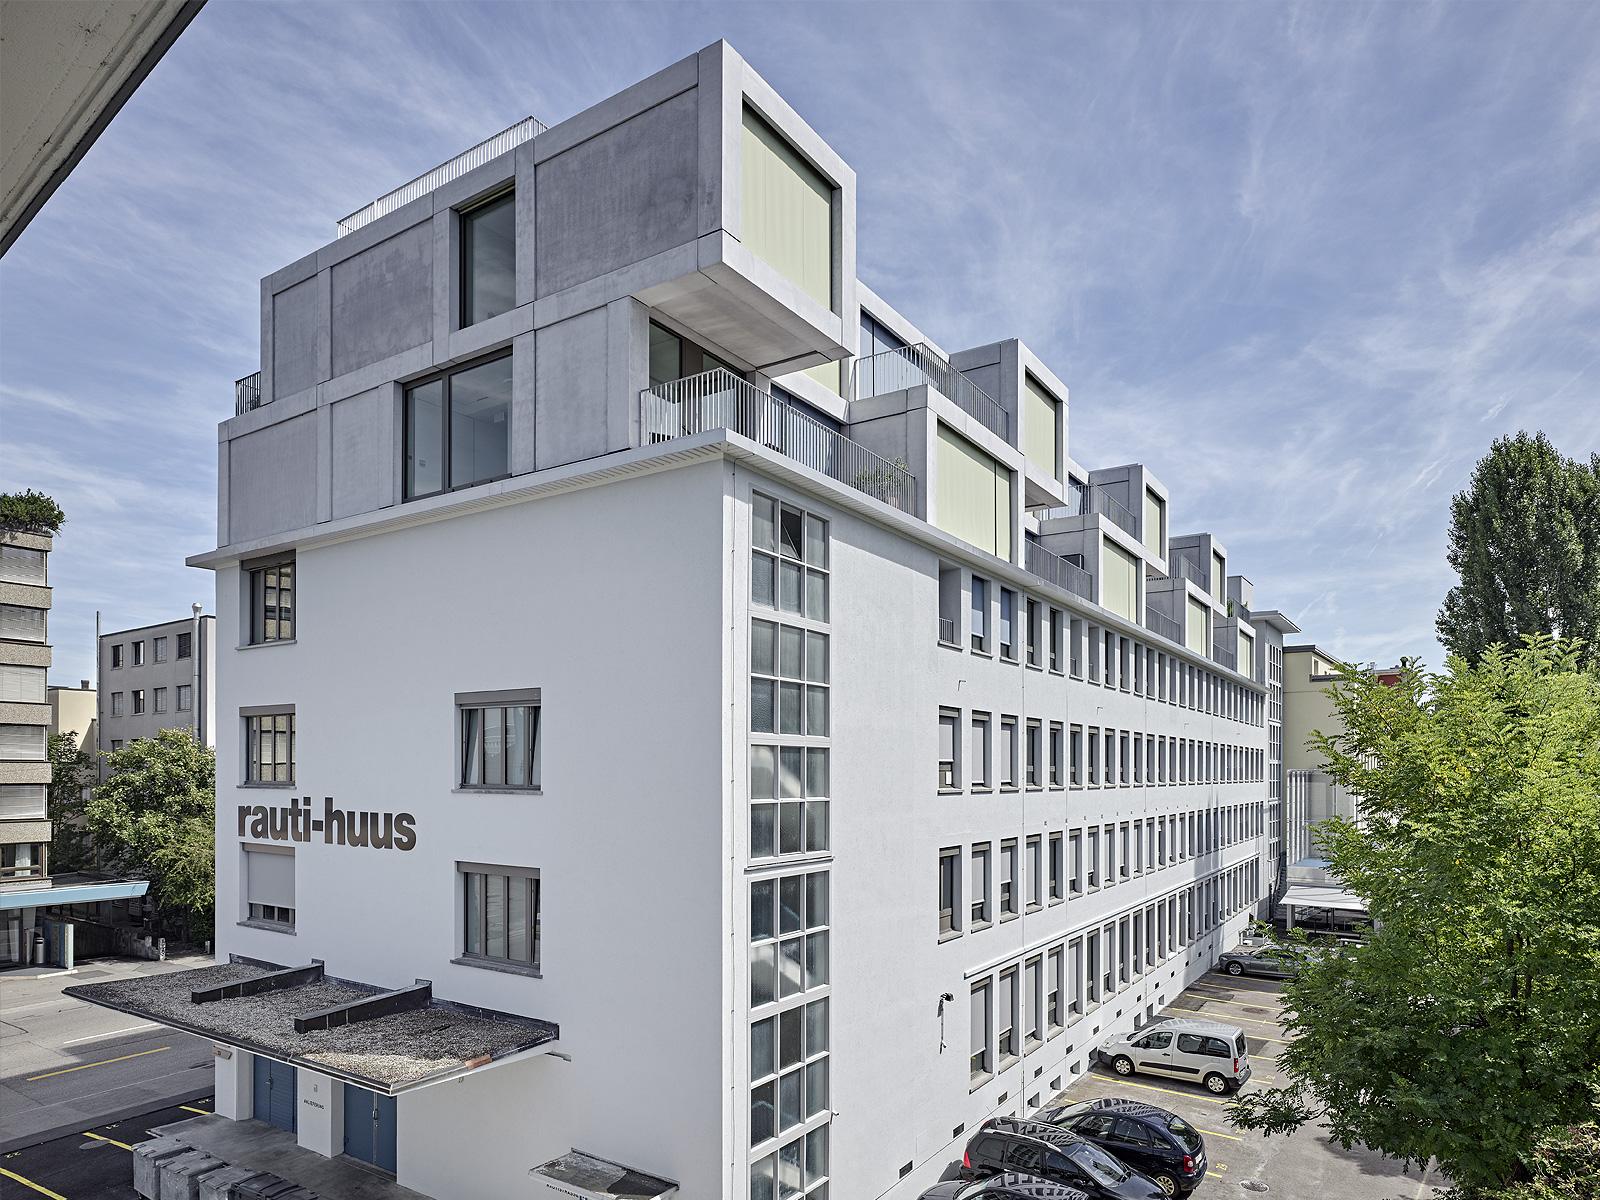 best architects architektur award spillmann echsle architekten ag spillmann echsle. Black Bedroom Furniture Sets. Home Design Ideas